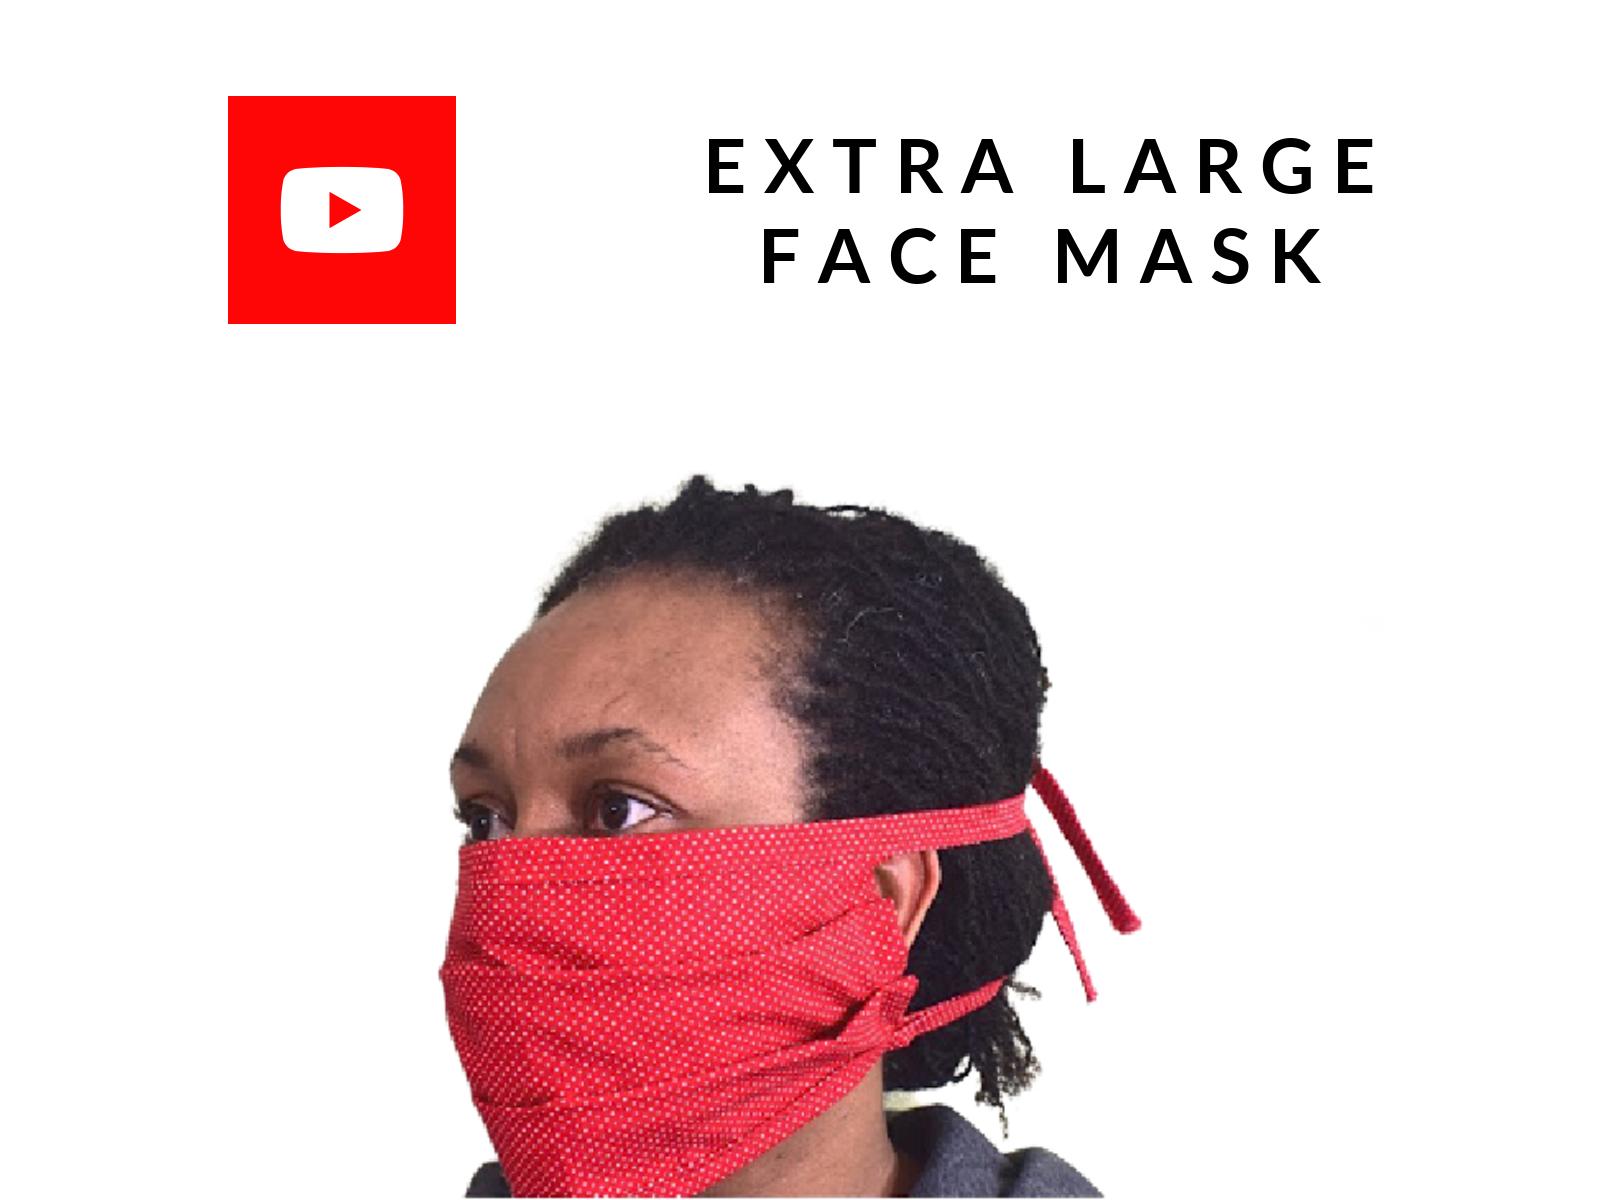 EXTRA LARGE FACE MASK